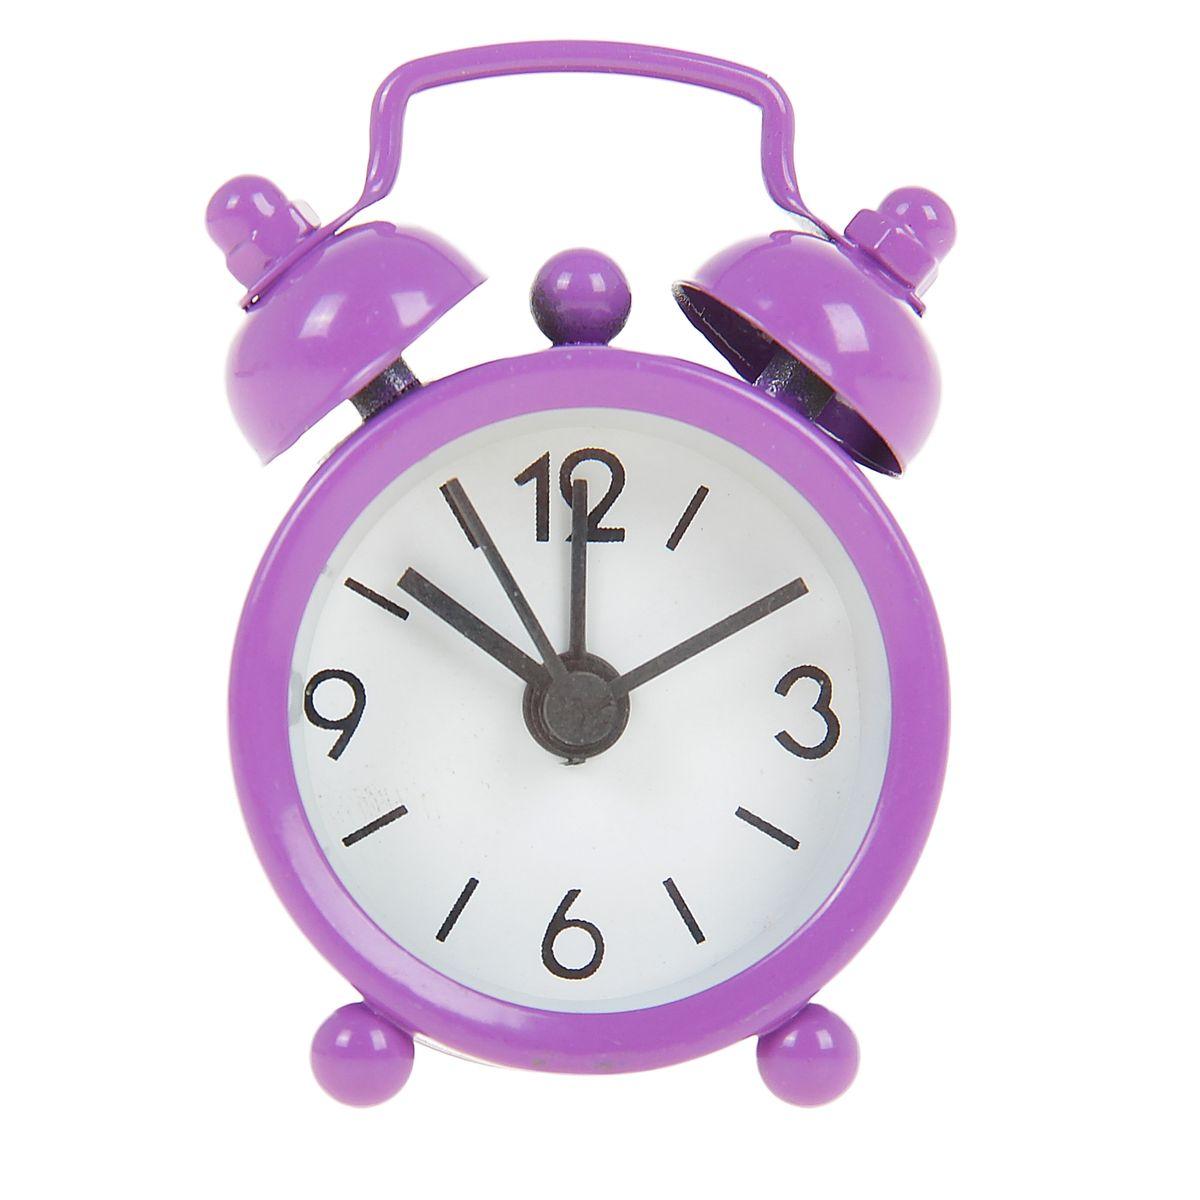 Часы-будильник Sima-land, цвет: фиолетовый. 840937840937Как же сложно иногда вставать вовремя! Всегда так хочется поспать еще хотя бы 5 минут и бывает, что мы просыпаем. Теперь этого не случится! Яркий, оригинальный будильник Sima-land поможет вам всегда вставать в нужное время и успевать везде и всюду. Будильник украсит вашу комнату и приведет в восхищение друзей. Эта уменьшенная версия привычного будильника умещается на ладони и работает так же громко, как и привычные аналоги. Время показывает точно и будит в установленный час. На задней панели будильника расположены переключатель включения/выключения механизма, а также два колесика для настройки текущего времени и времени звонка будильника. Будильник работает от 1 батарейки типа LR44 (входит в комплект).